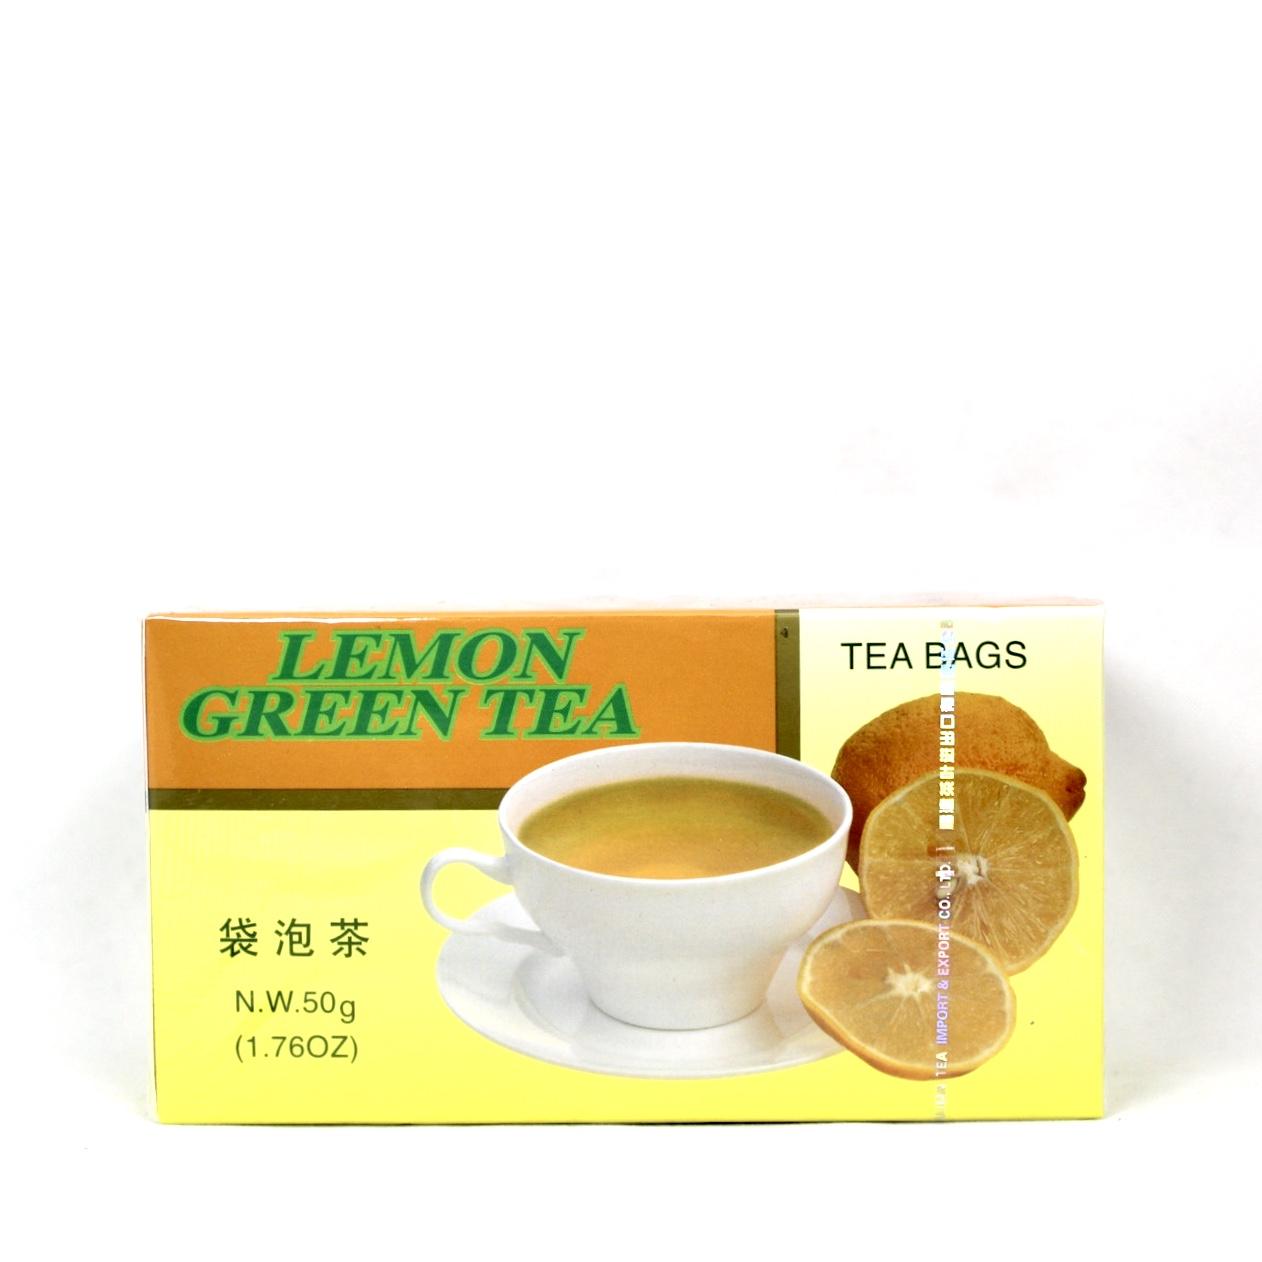 FUJIAN GREEN TEA & LEMON 2g X 25 BAGS GT901